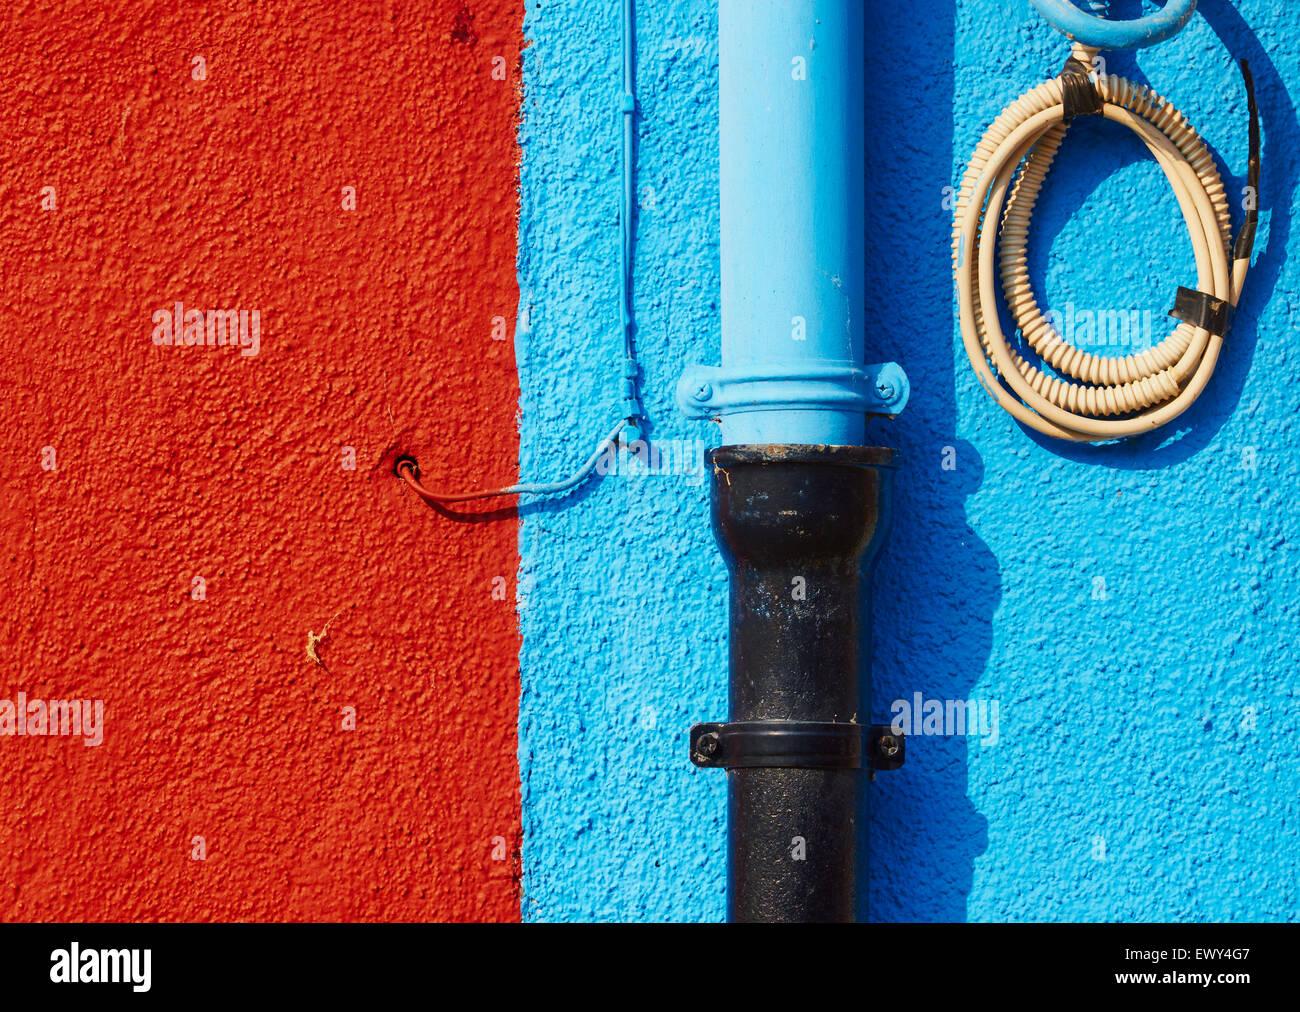 Les tuyaux et les fils sur le mur de couleur rouille et bleu Burano Lagune de Venise Vénétie Italie Europe Banque D'Images